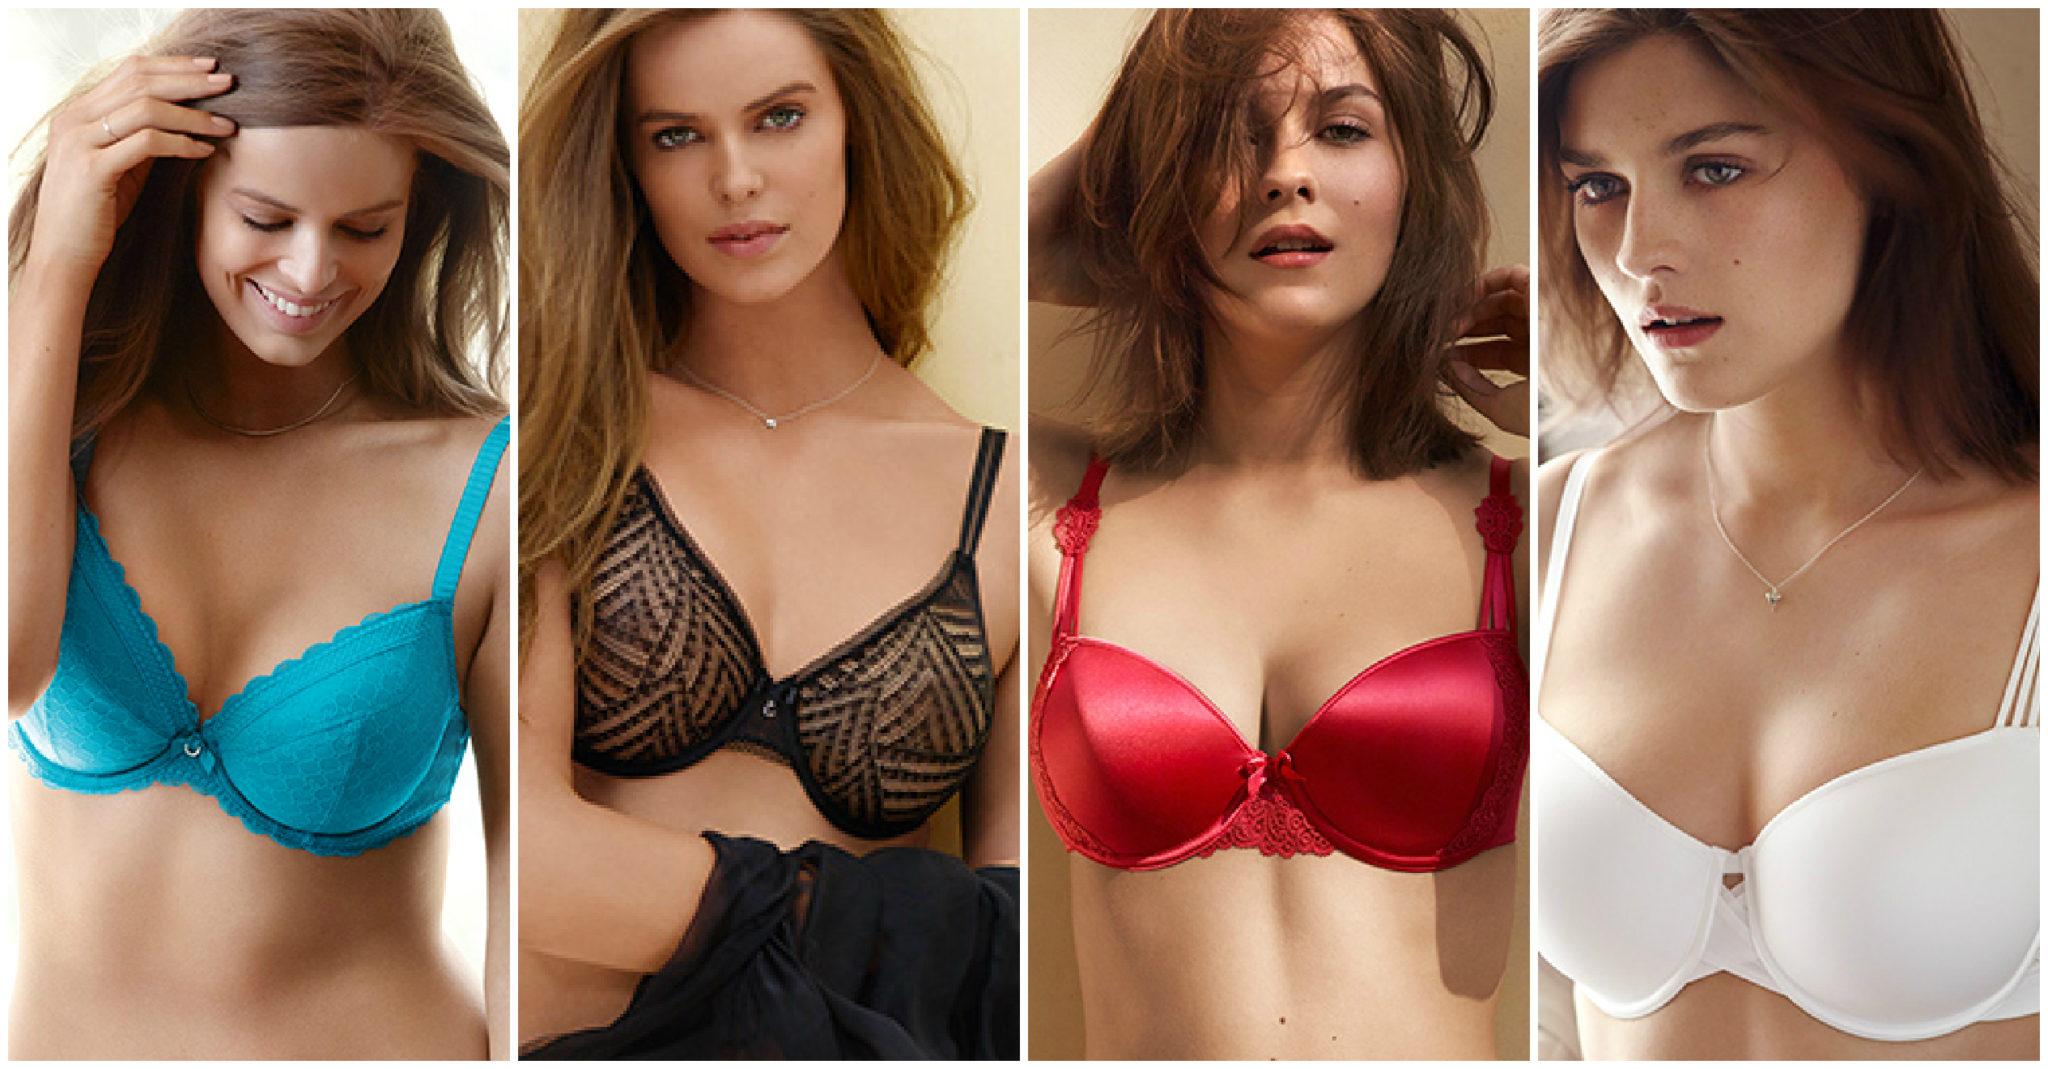 صورة انواع ثدي المراة بالصور , بالصور اشكال ثدى المراه